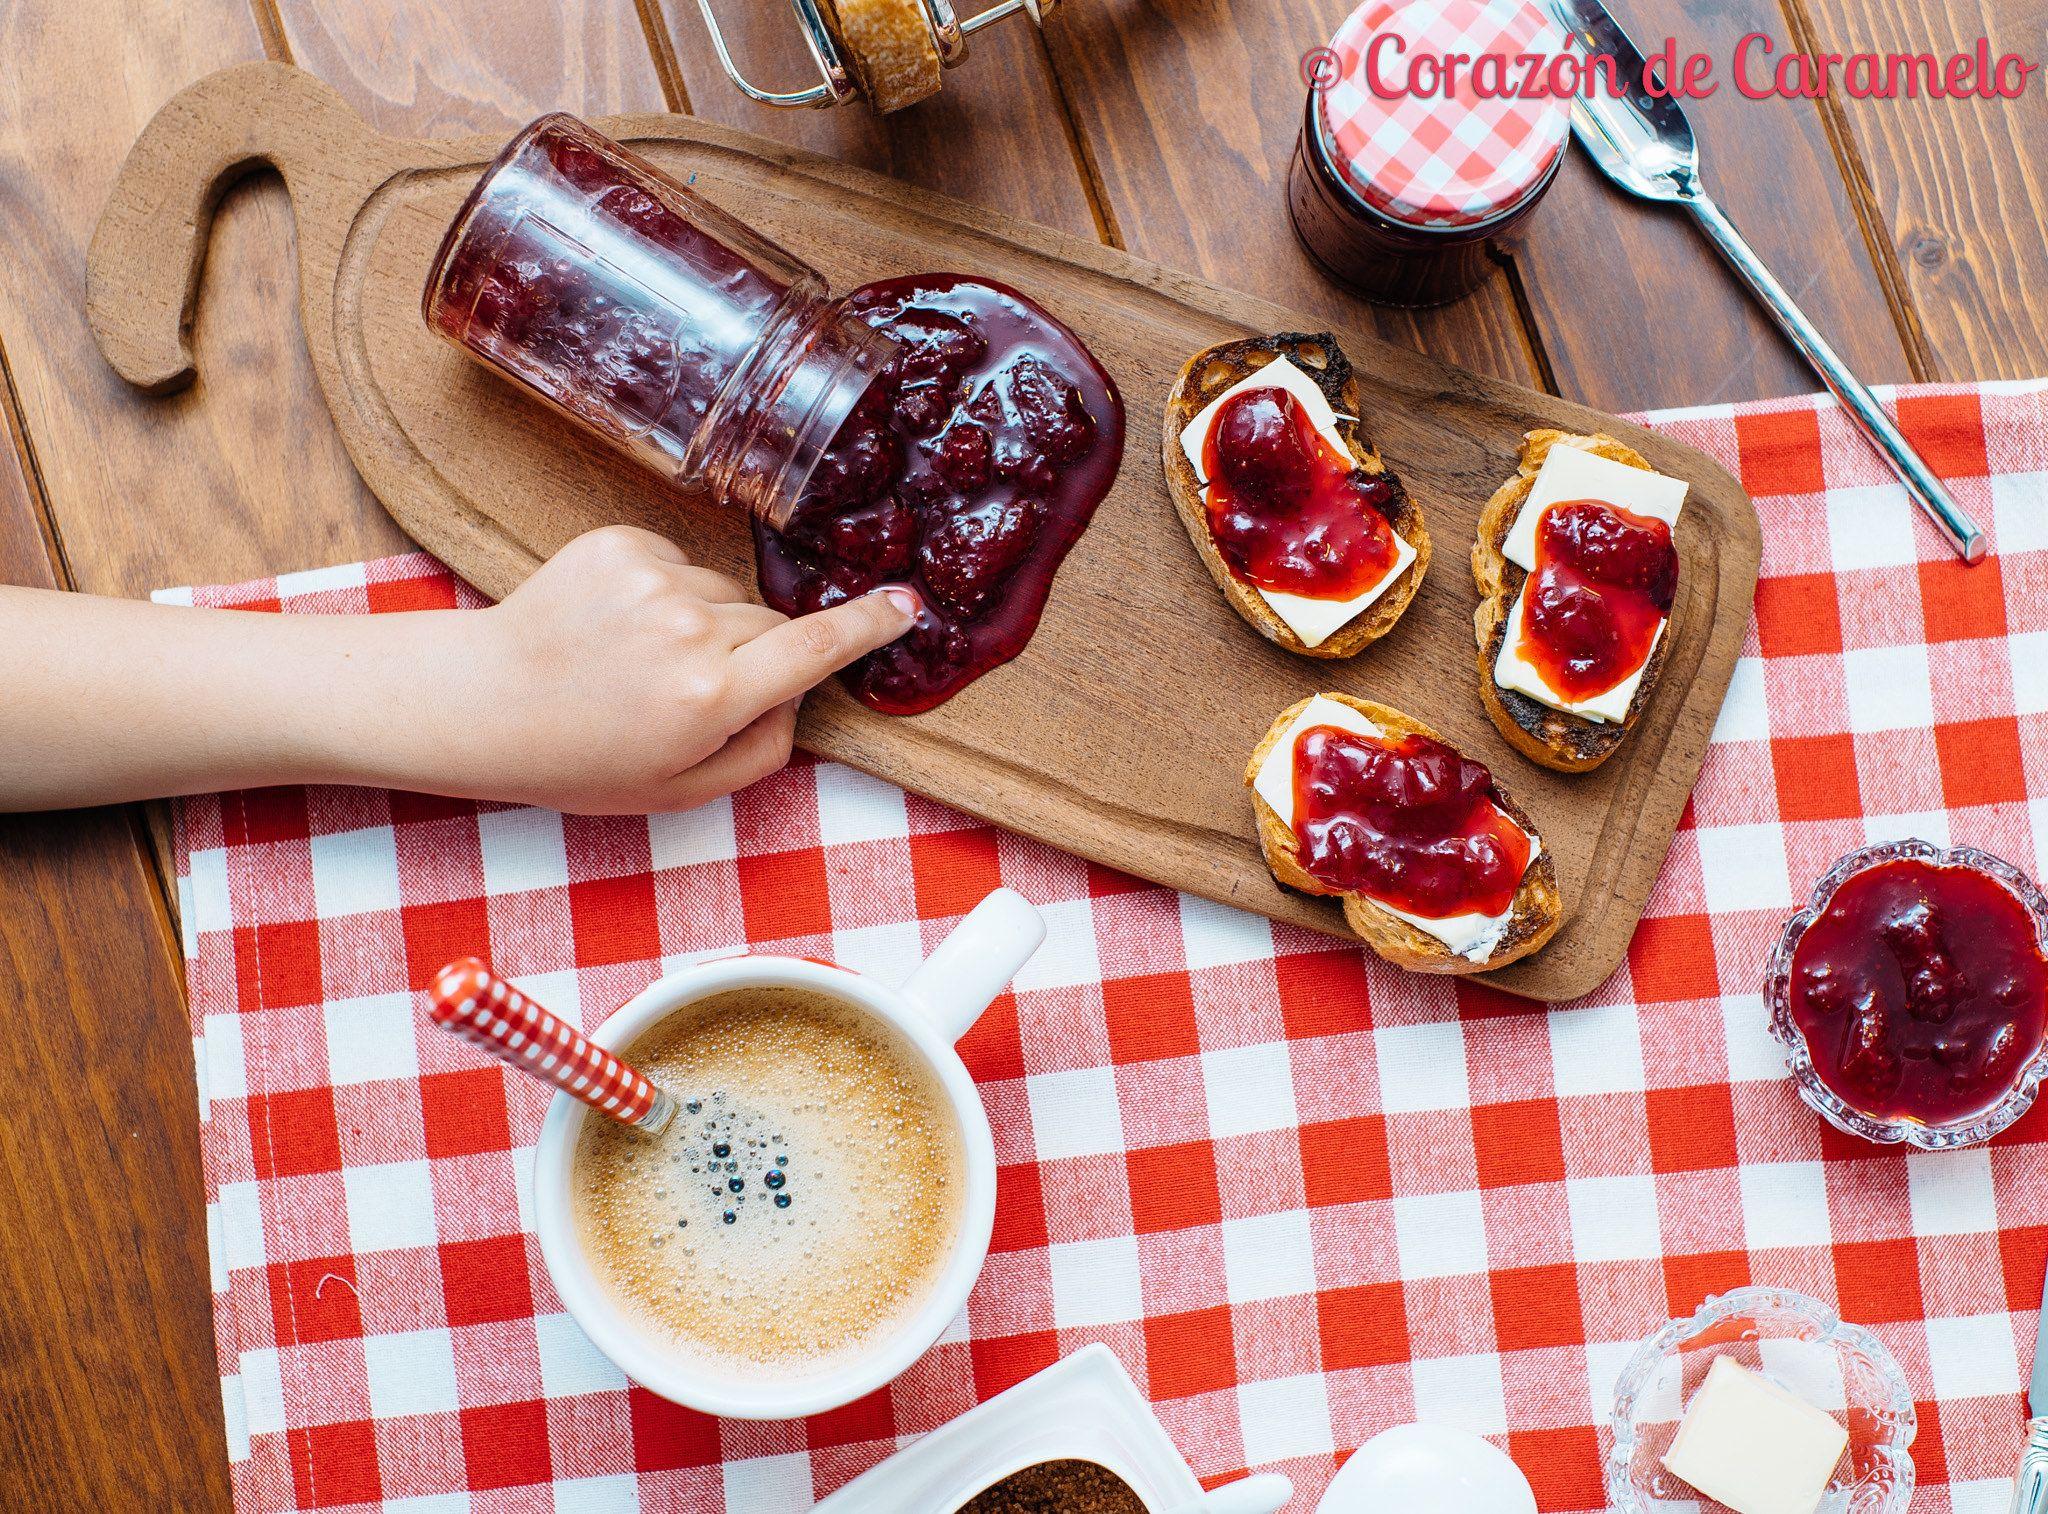 https://flic.kr/p/qLX9rs | Corazón de Caramelo | Blog Corazón de Caramelo www.corazondecarmelo.es